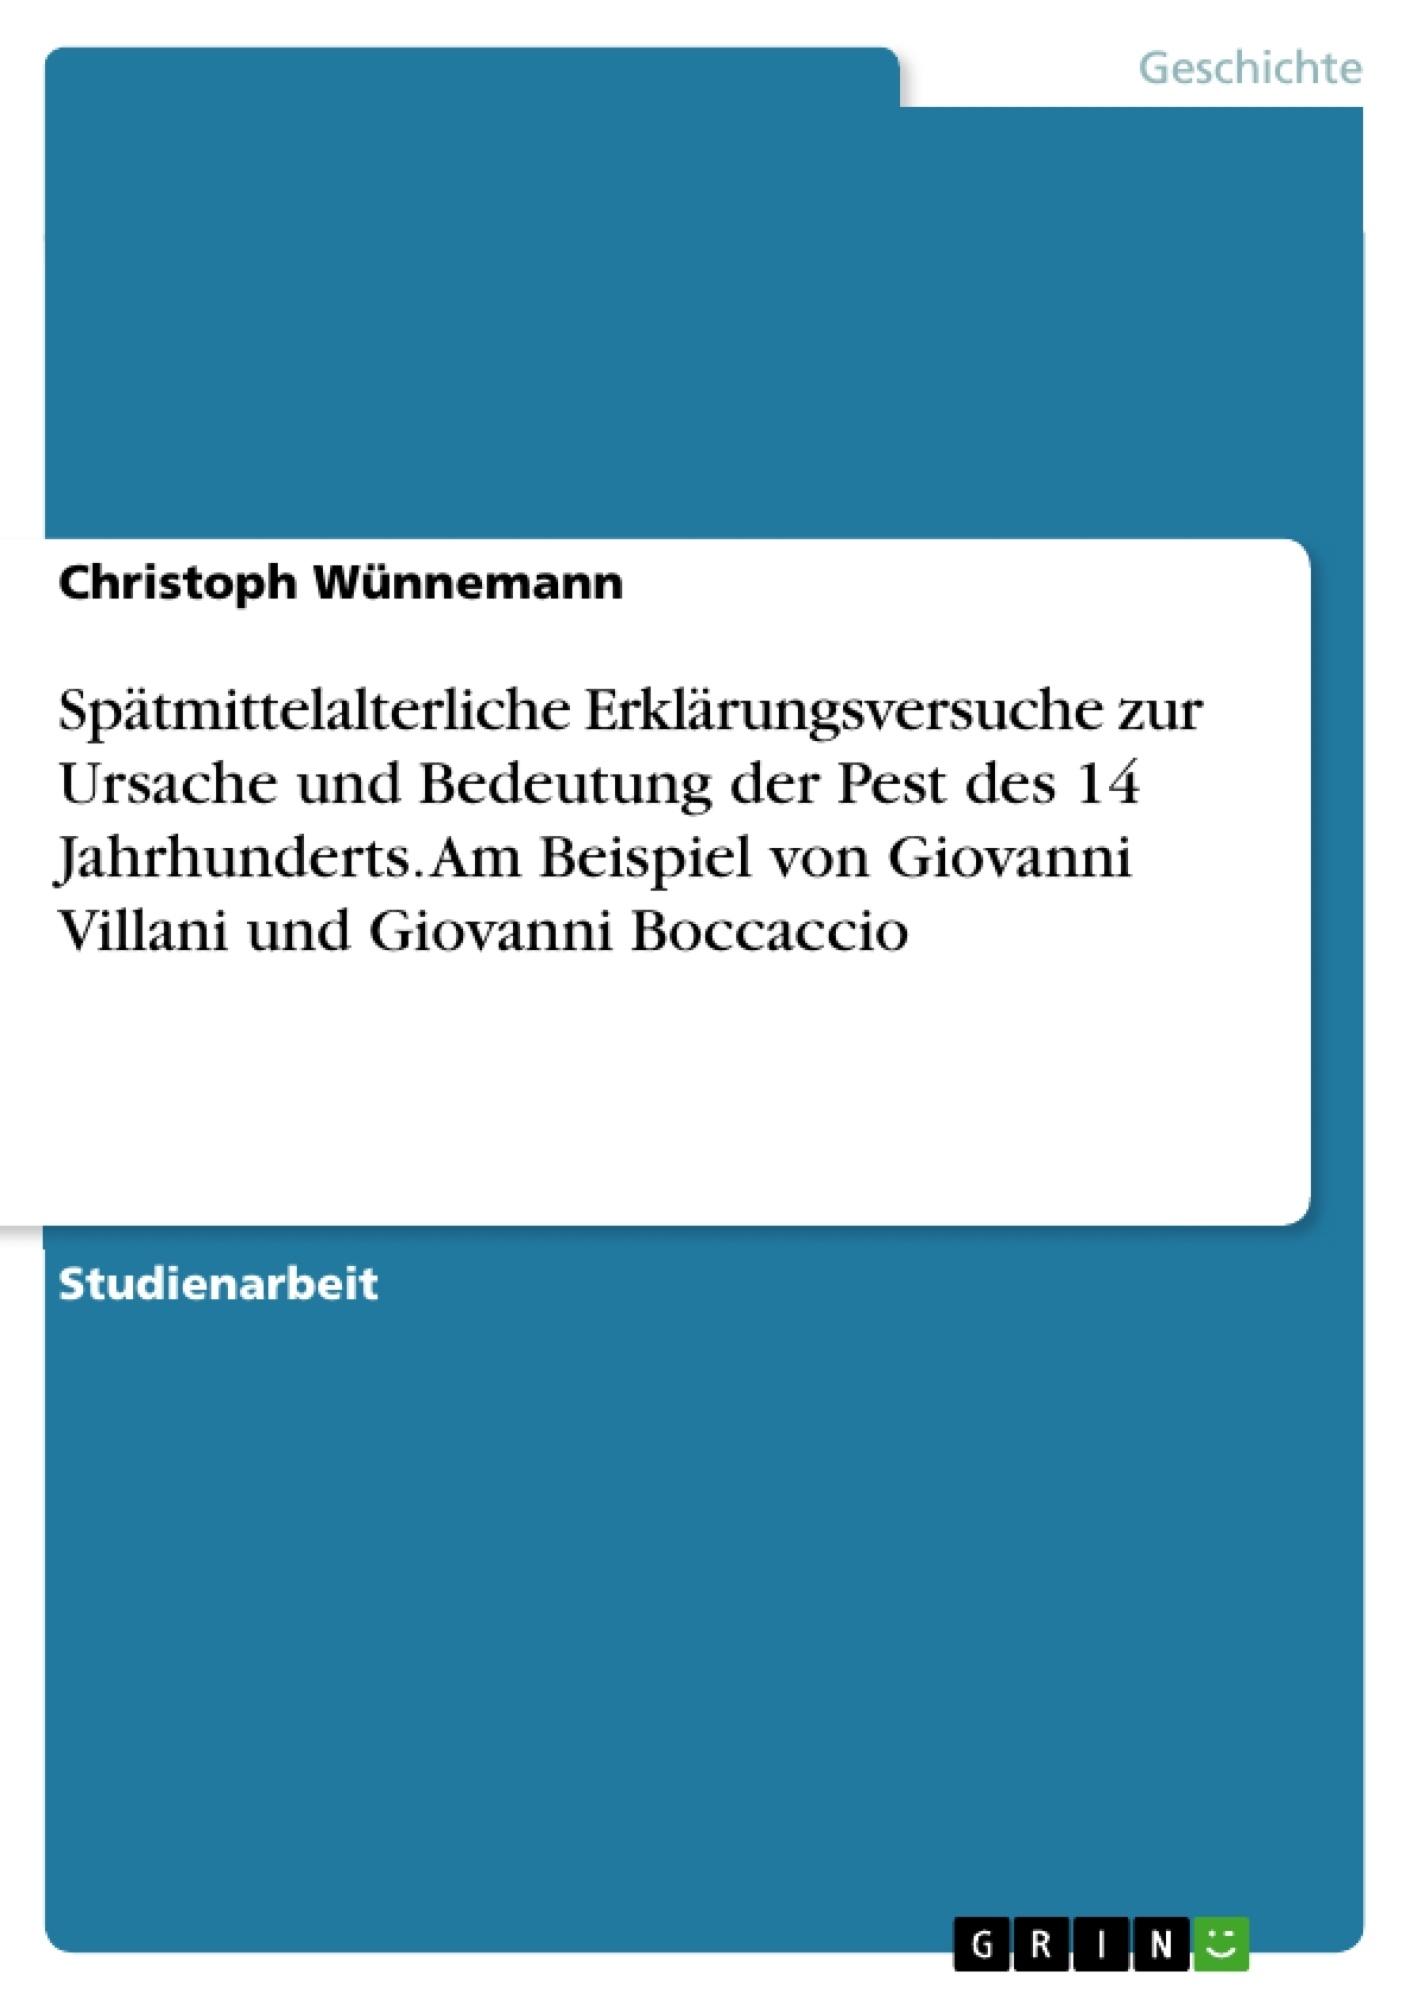 Titel: Spätmittelalterliche Erklärungsversuche zur Ursache und Bedeutung der Pest des 14 Jahrhunderts. Am Beispiel von Giovanni Villani und Giovanni Boccaccio